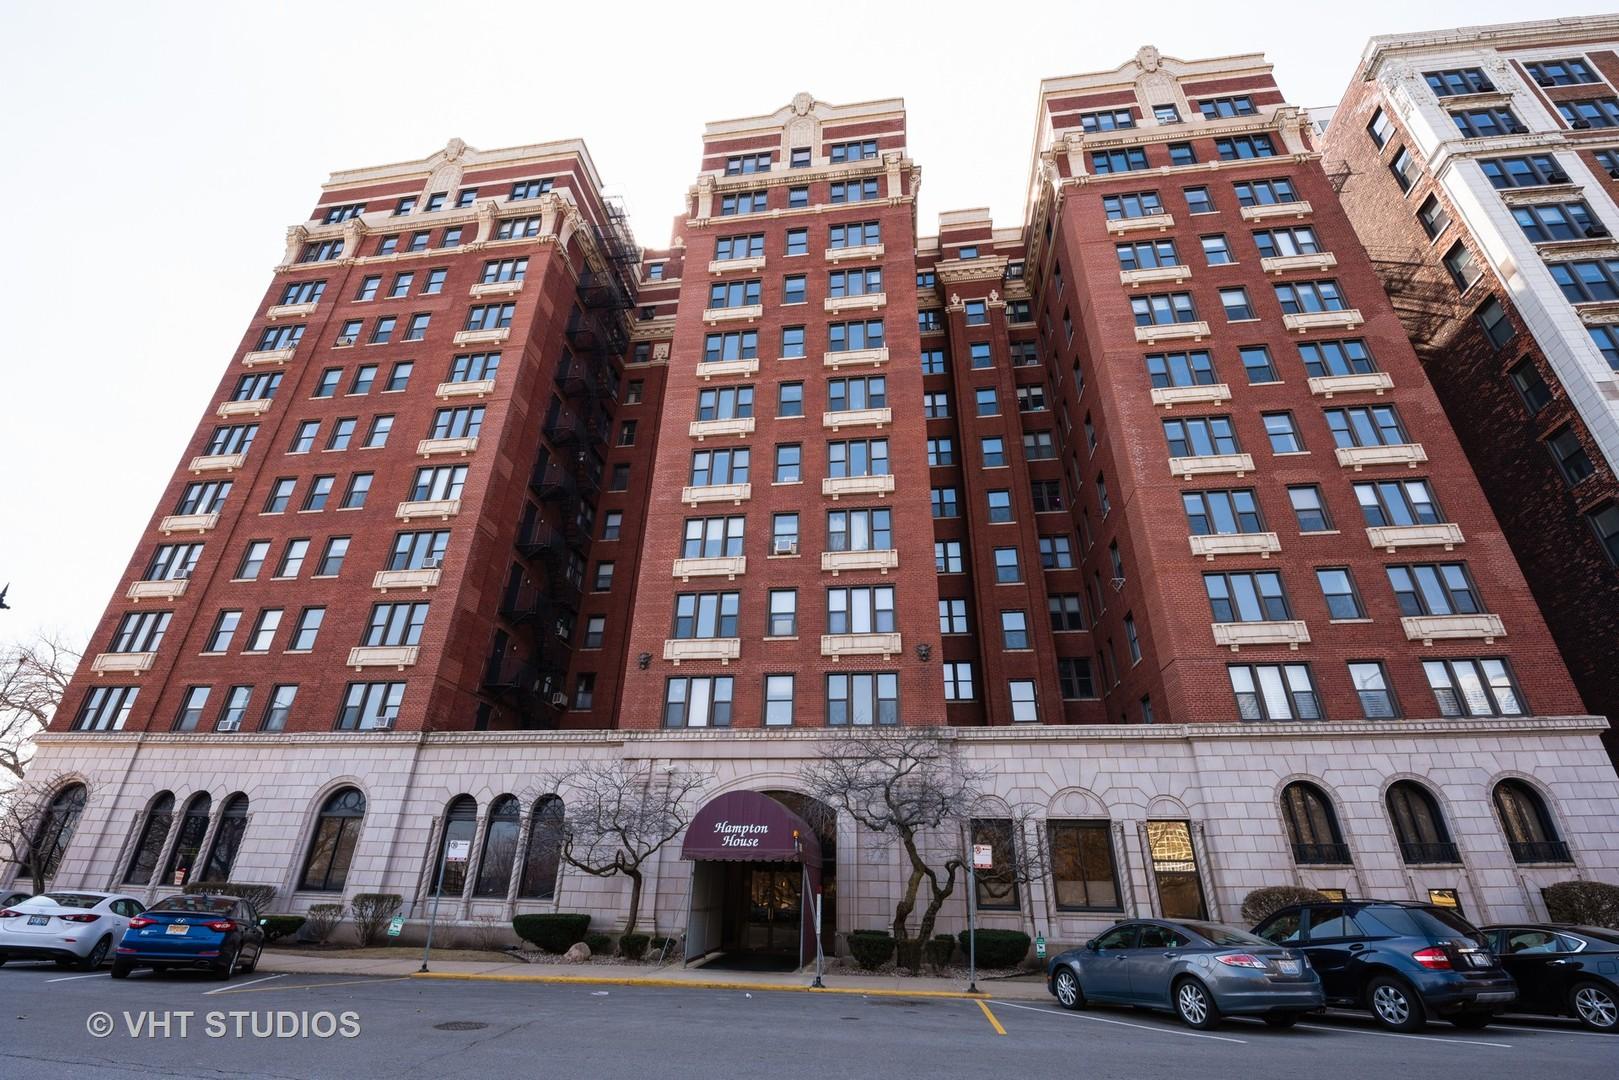 South SHORE Dr., Chicago, IL 60615